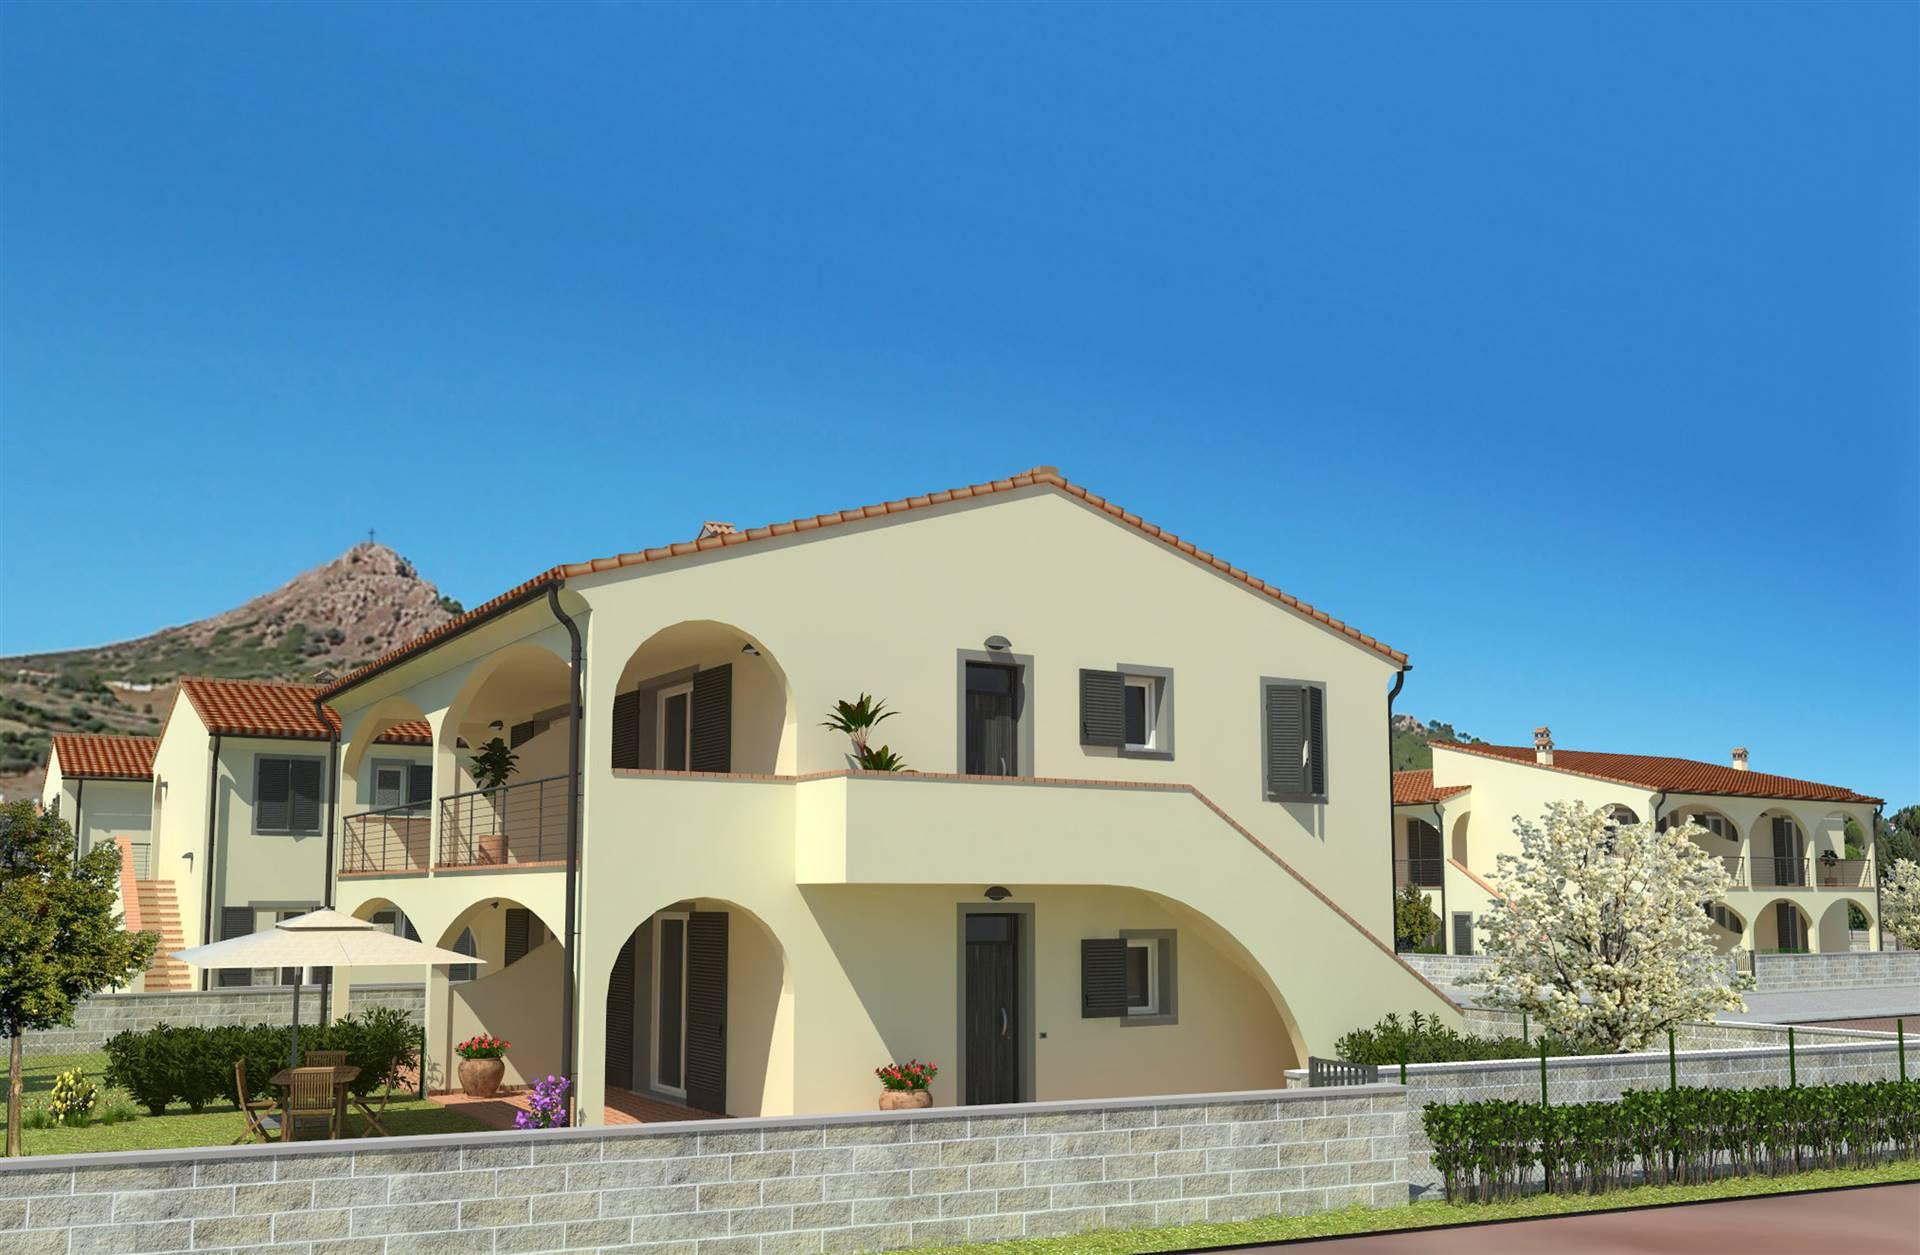 Appartamento in vendita a Porto Azzurro, 3 locali, zona arossa, prezzo € 227.000   PortaleAgenzieImmobiliari.it